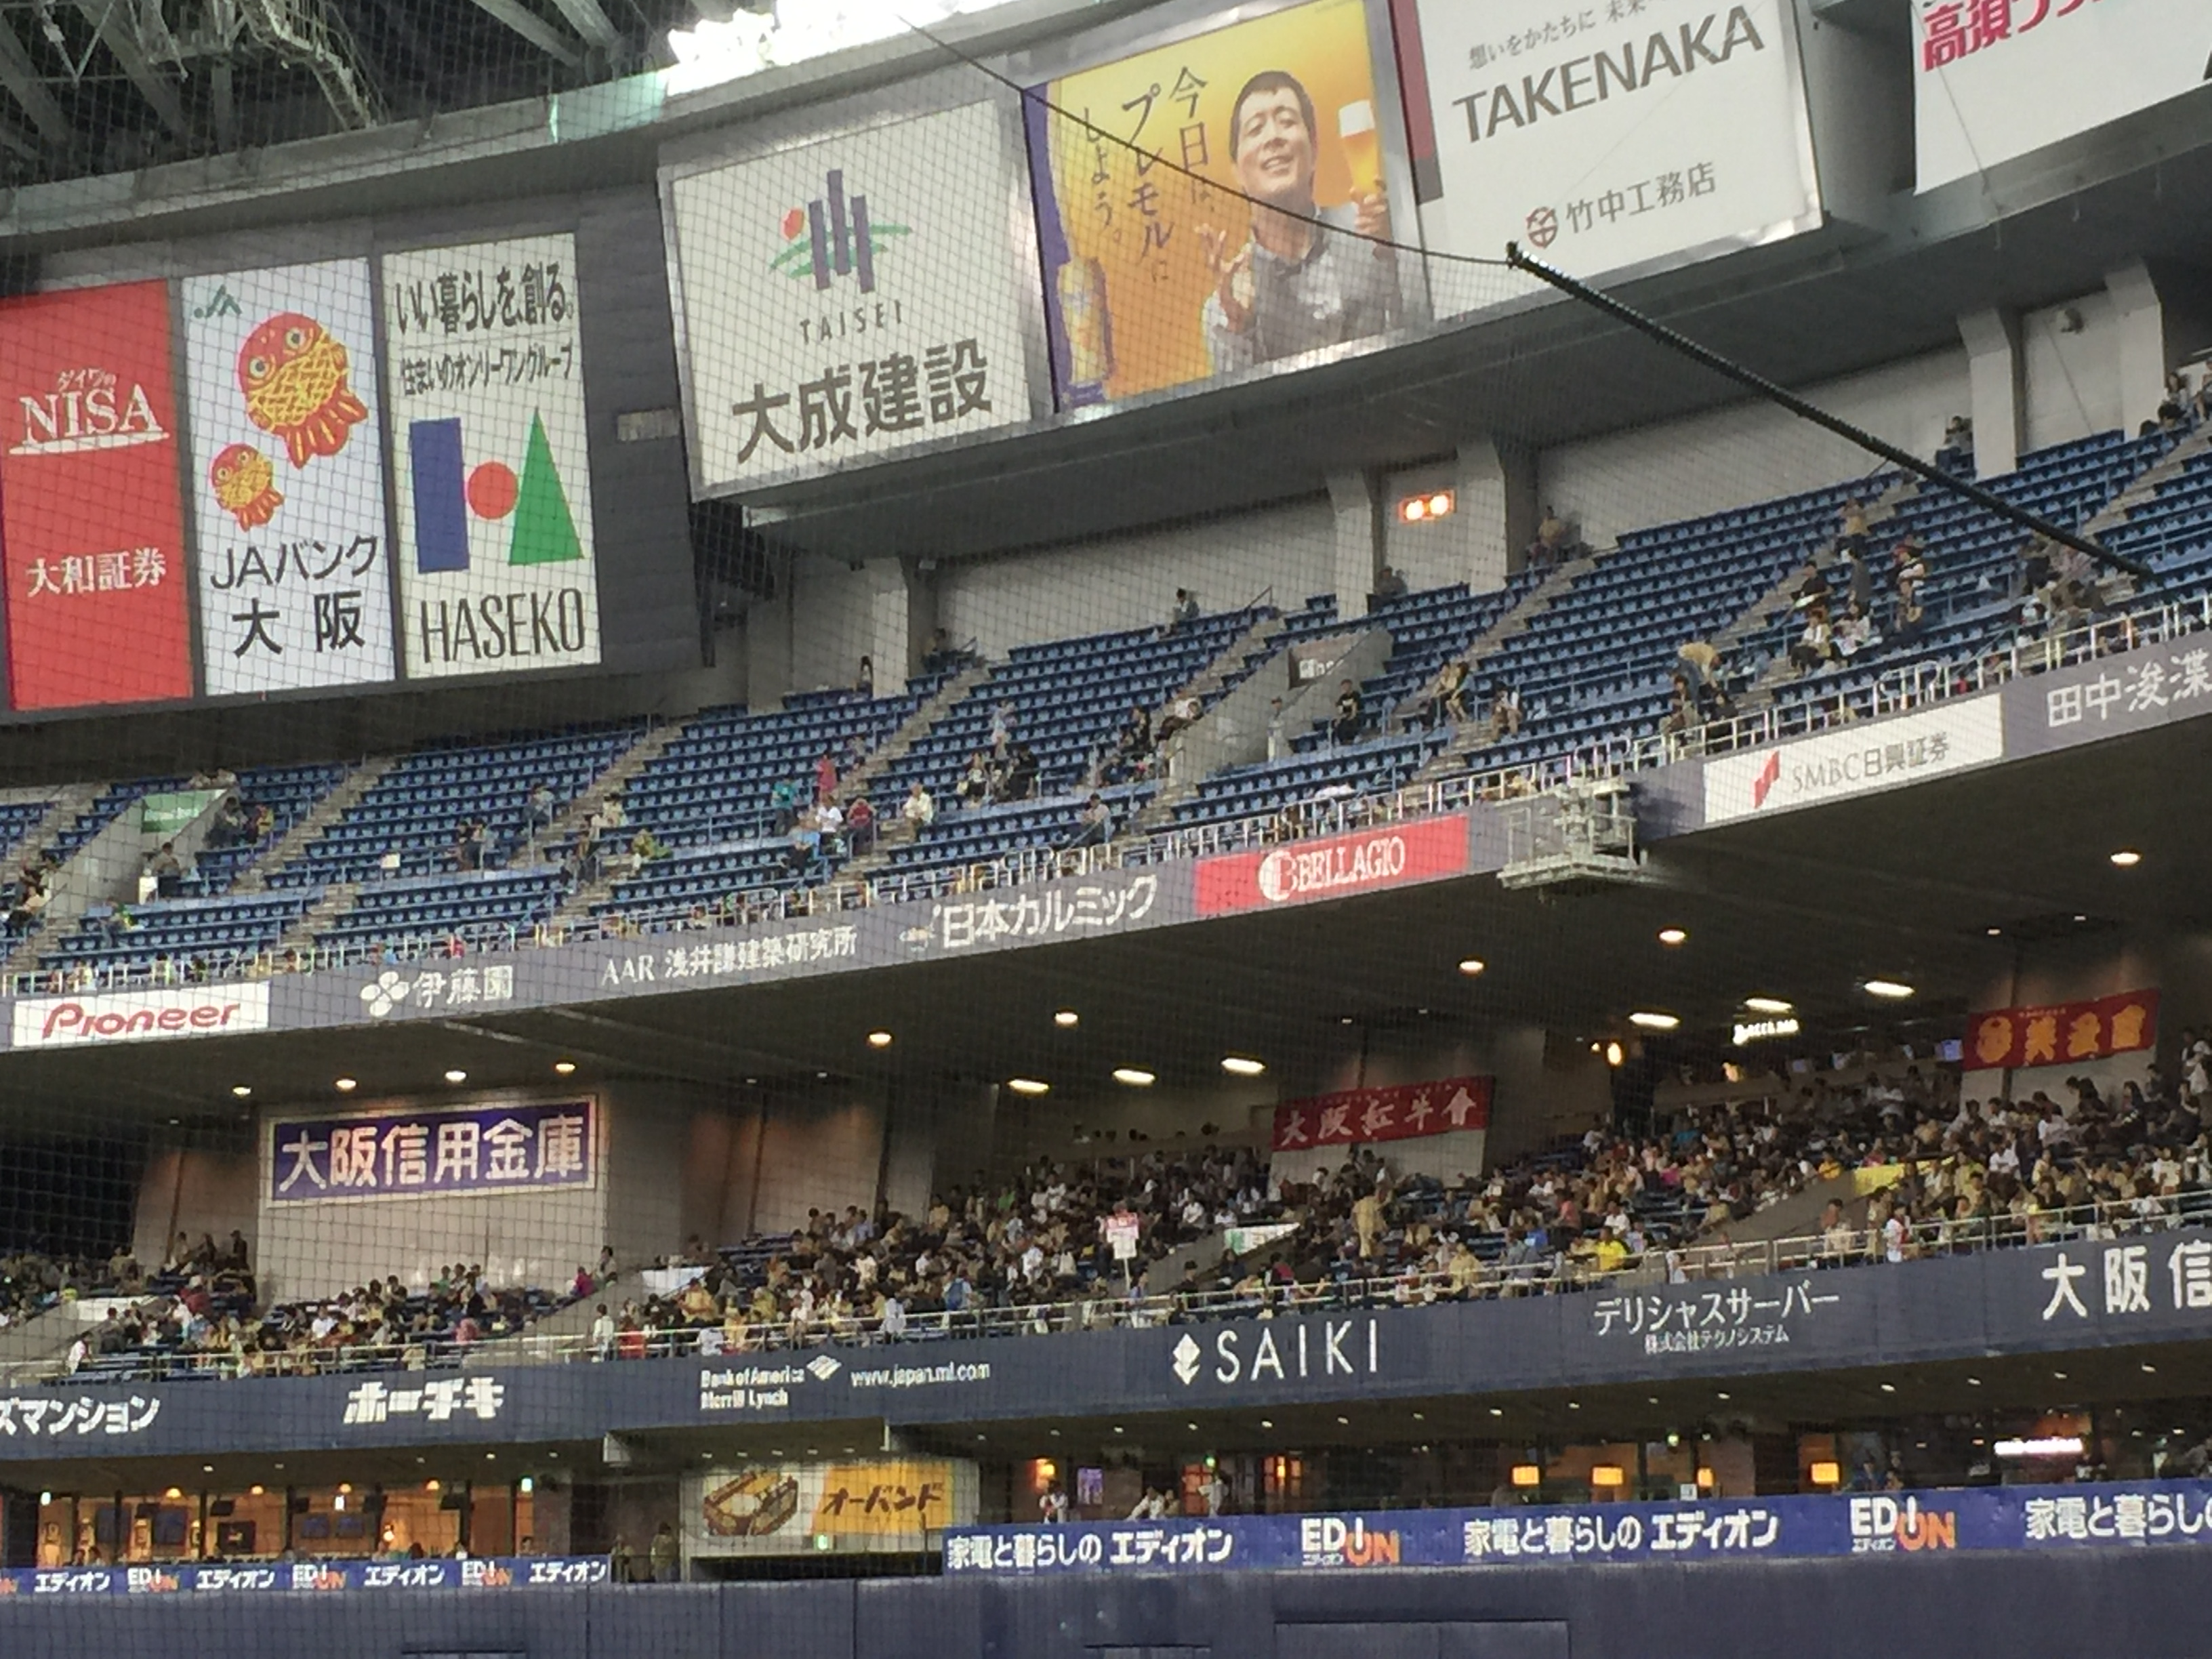 2015年5月24日 オリックス 対 千葉ロッテ 西完封